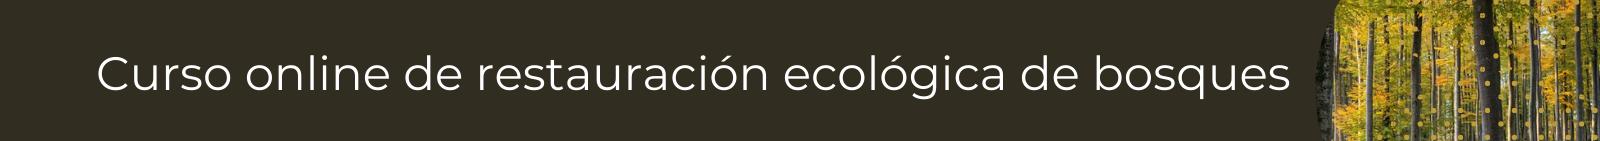 Curso de restauración ecológica de bosques